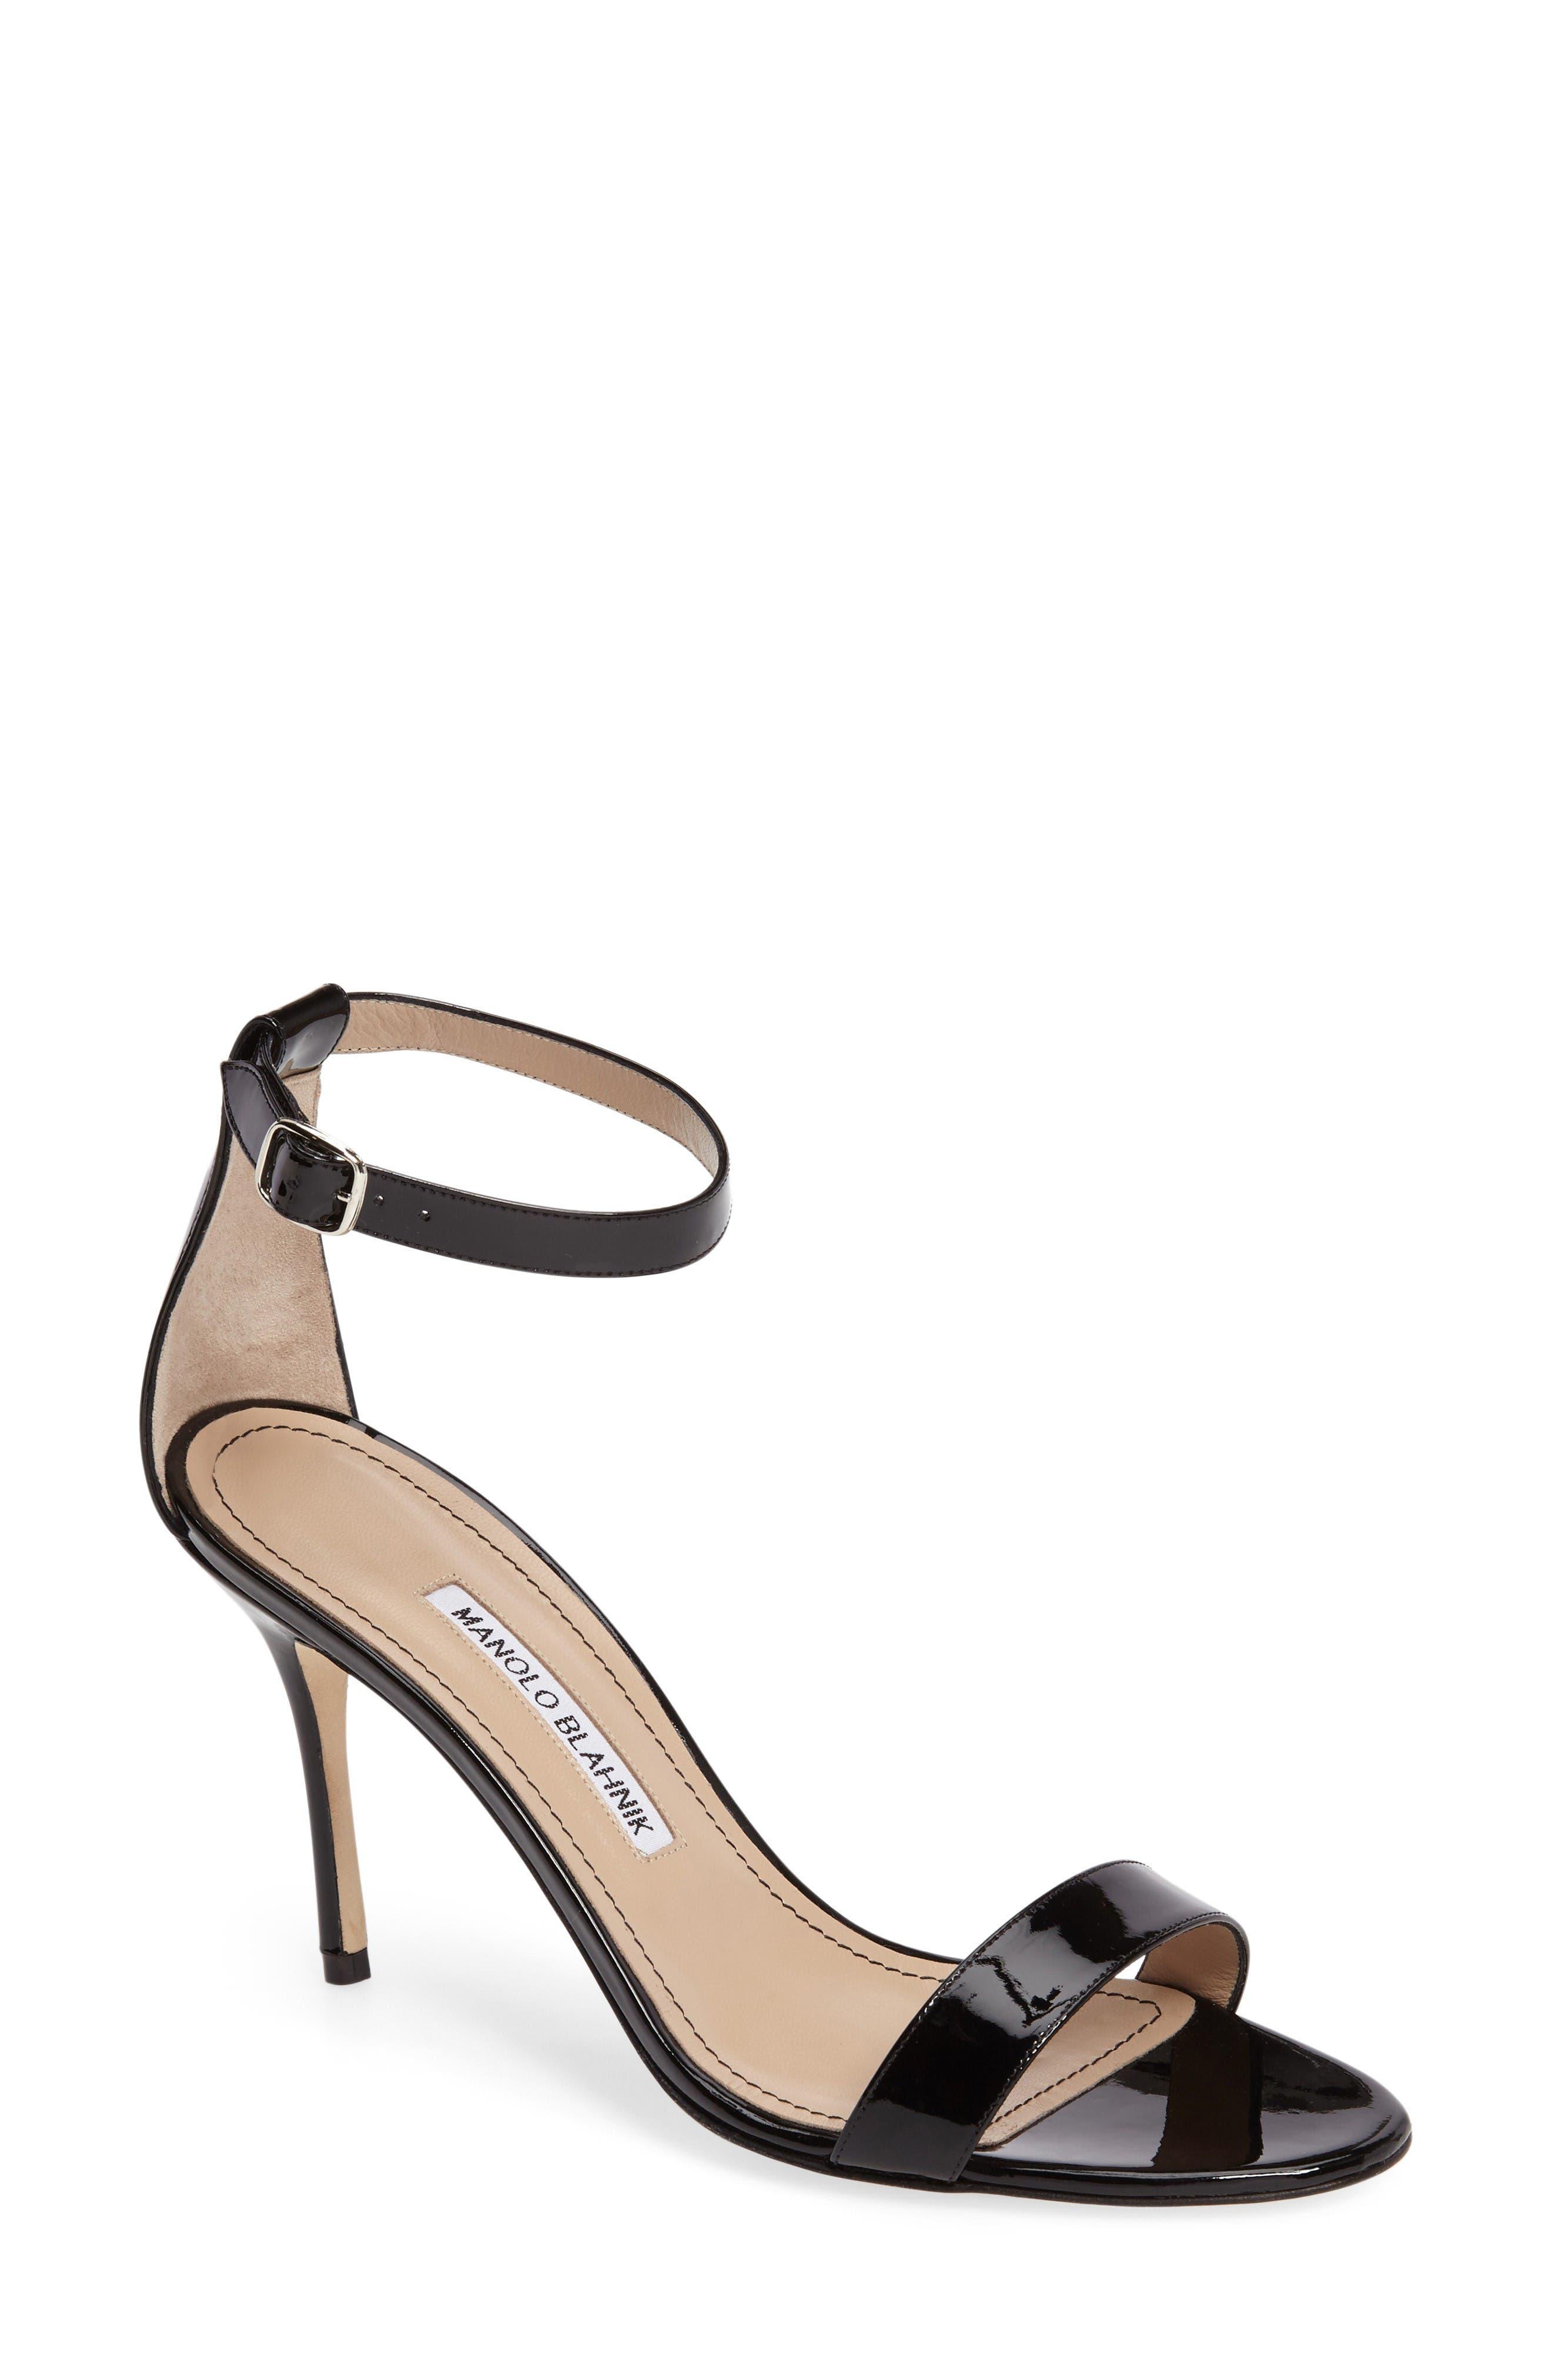 'Chaos' Ankle Strap Sandal,                         Main,                         color, Black Patent